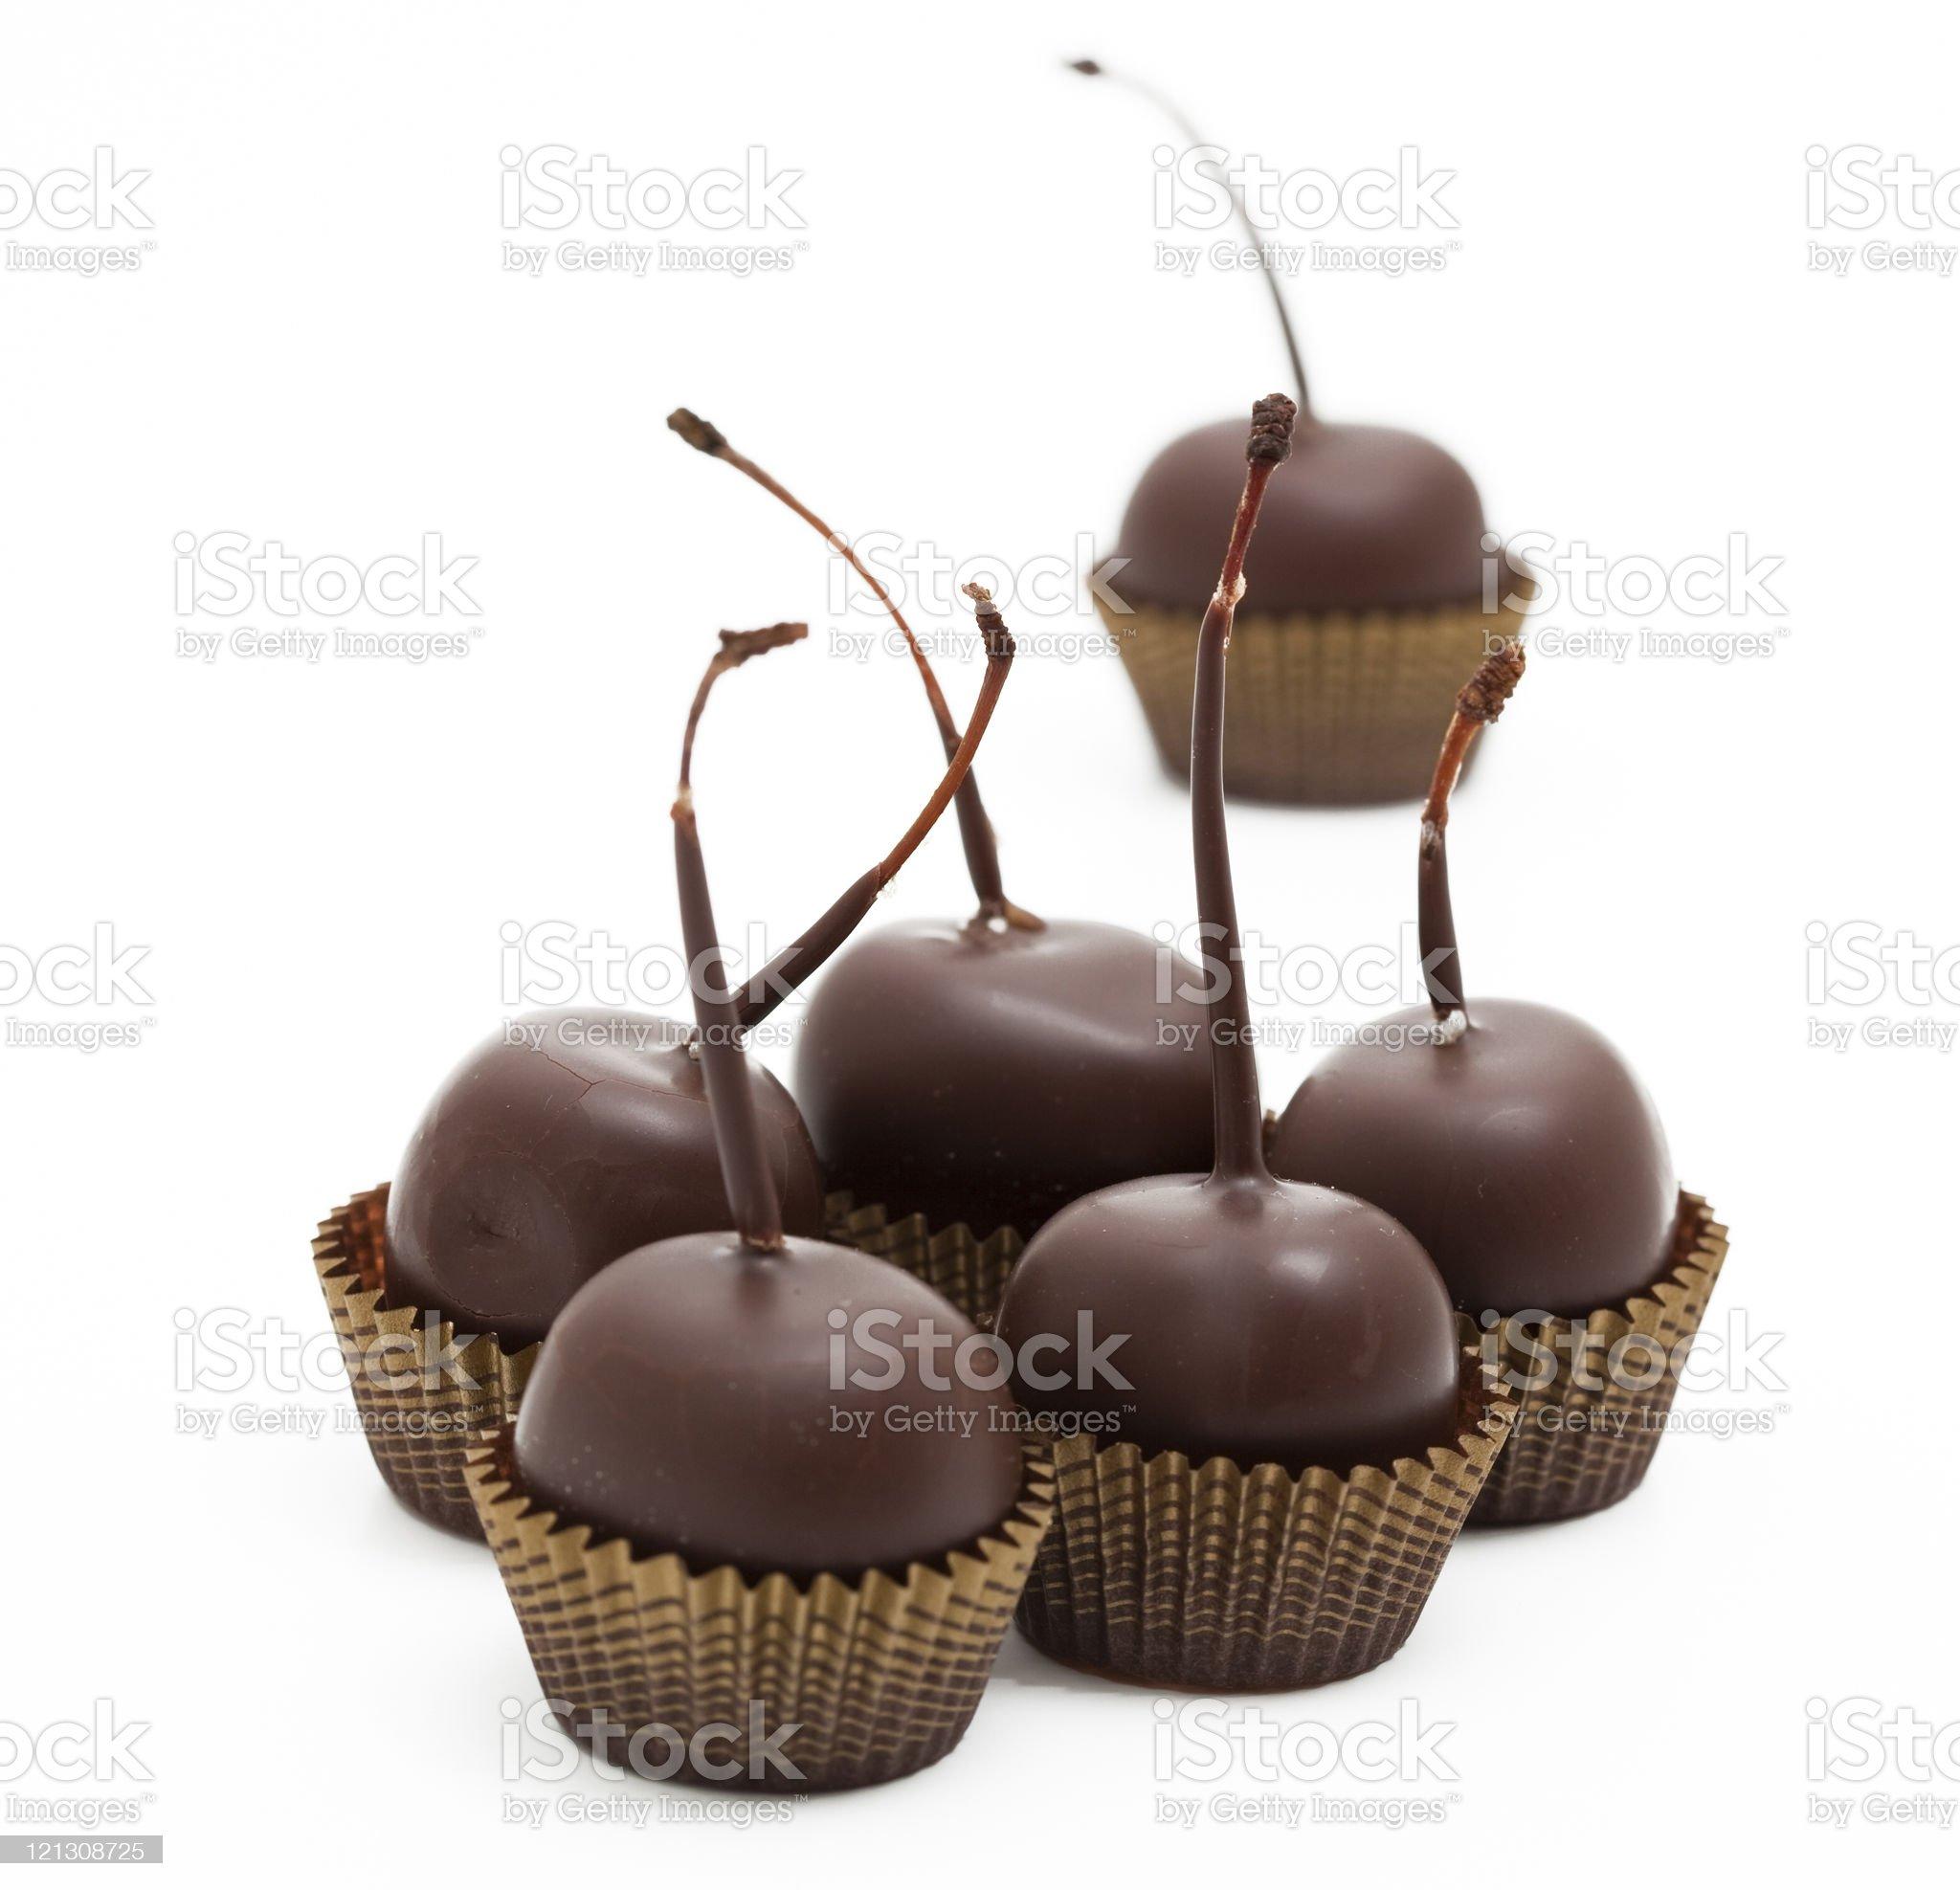 chocolate cherries royalty-free stock photo